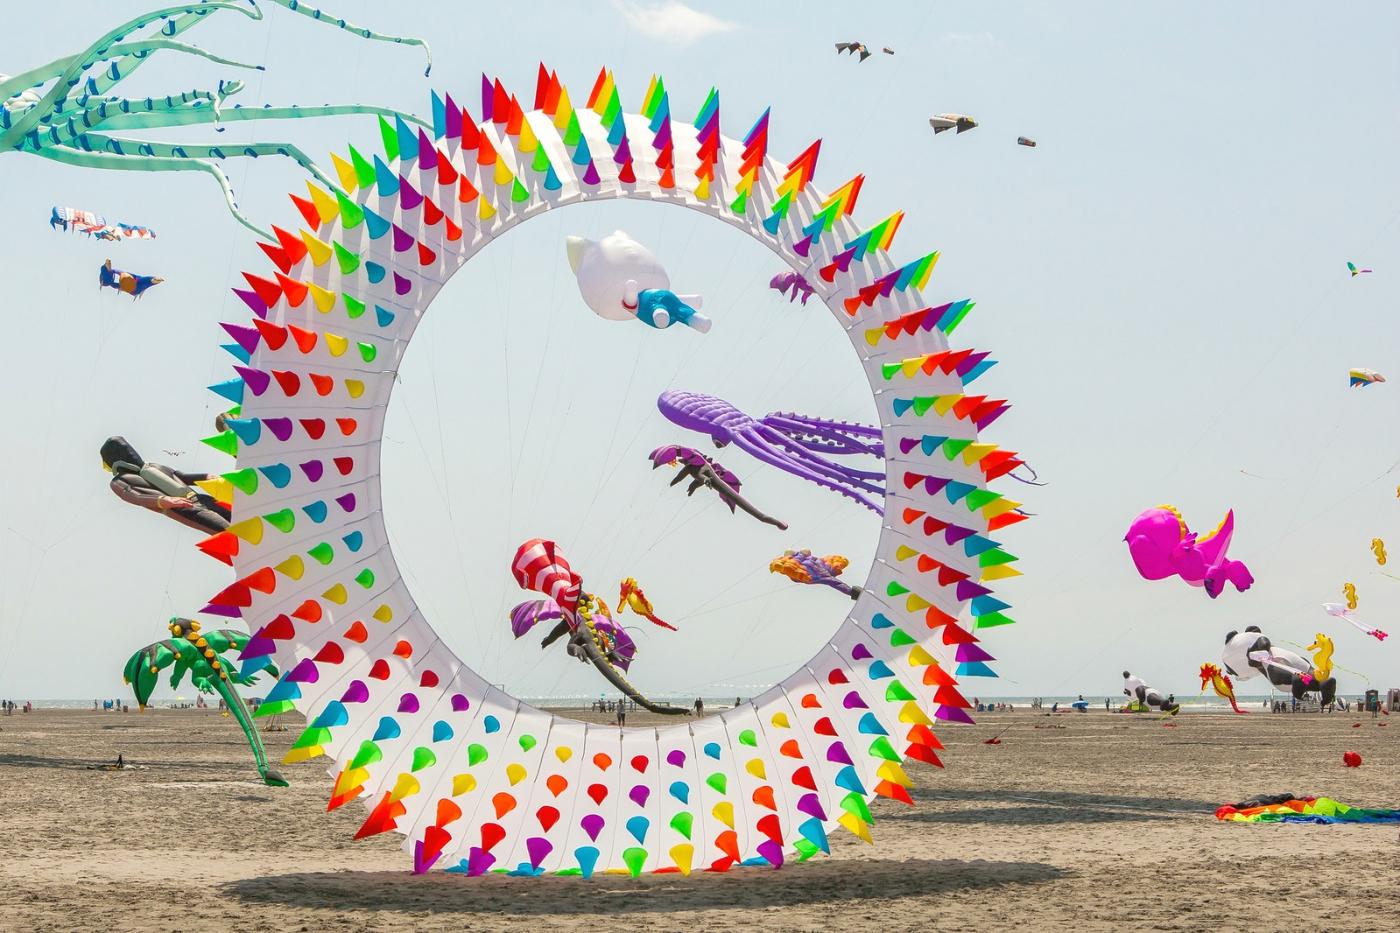 超大的风筝,真是少见_图1-1